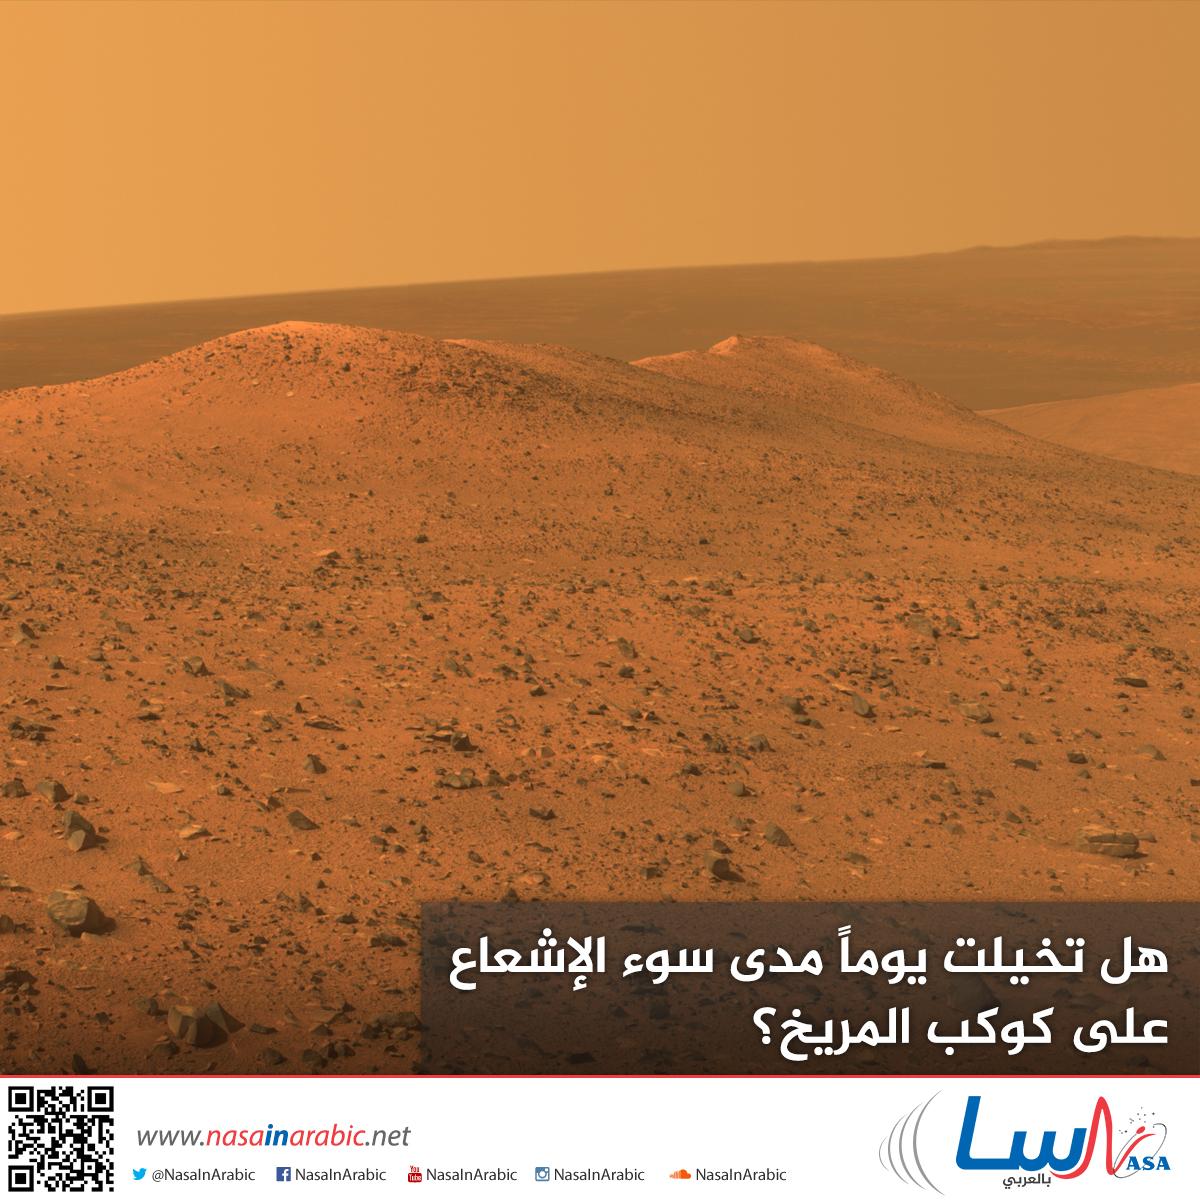 هل تخيلت يوماً مدى سوء الإشعاع على كوكب المريخ؟